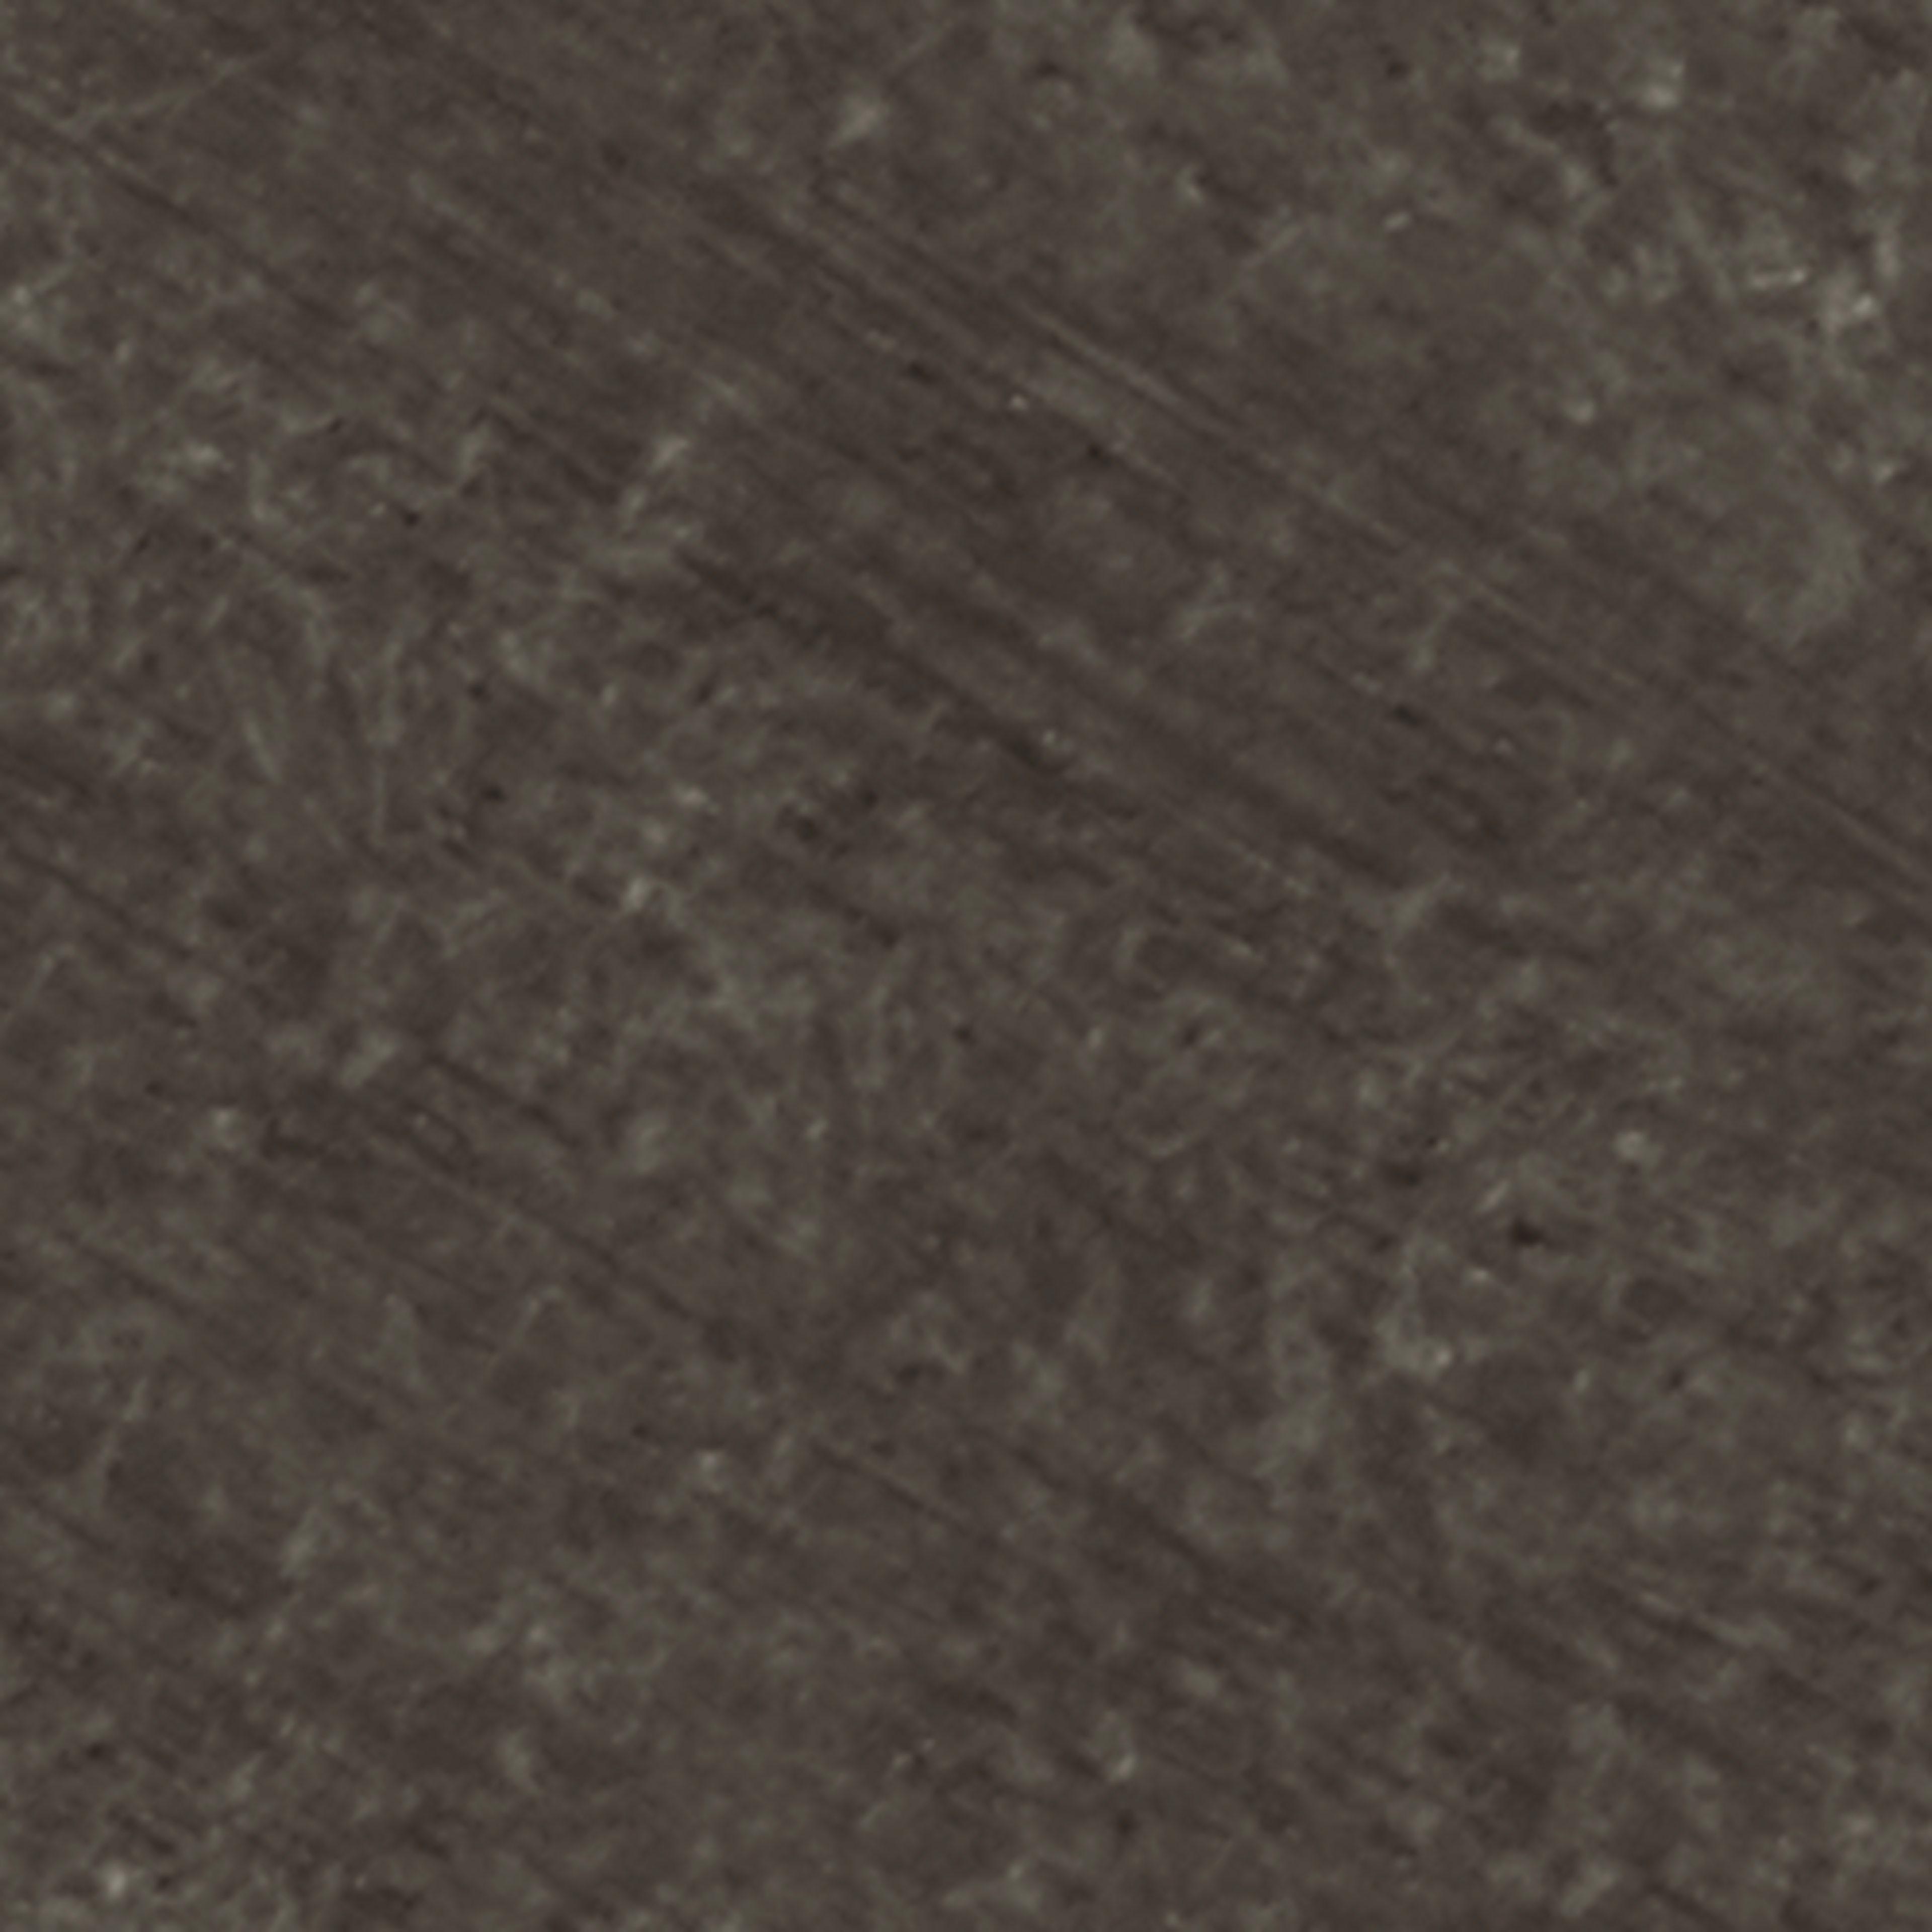 ecb764e3 STYLO SOURCILS WATERPROOF Defining Longwear Eyebrow Pencil 802 - AUBURN |  CHANEL